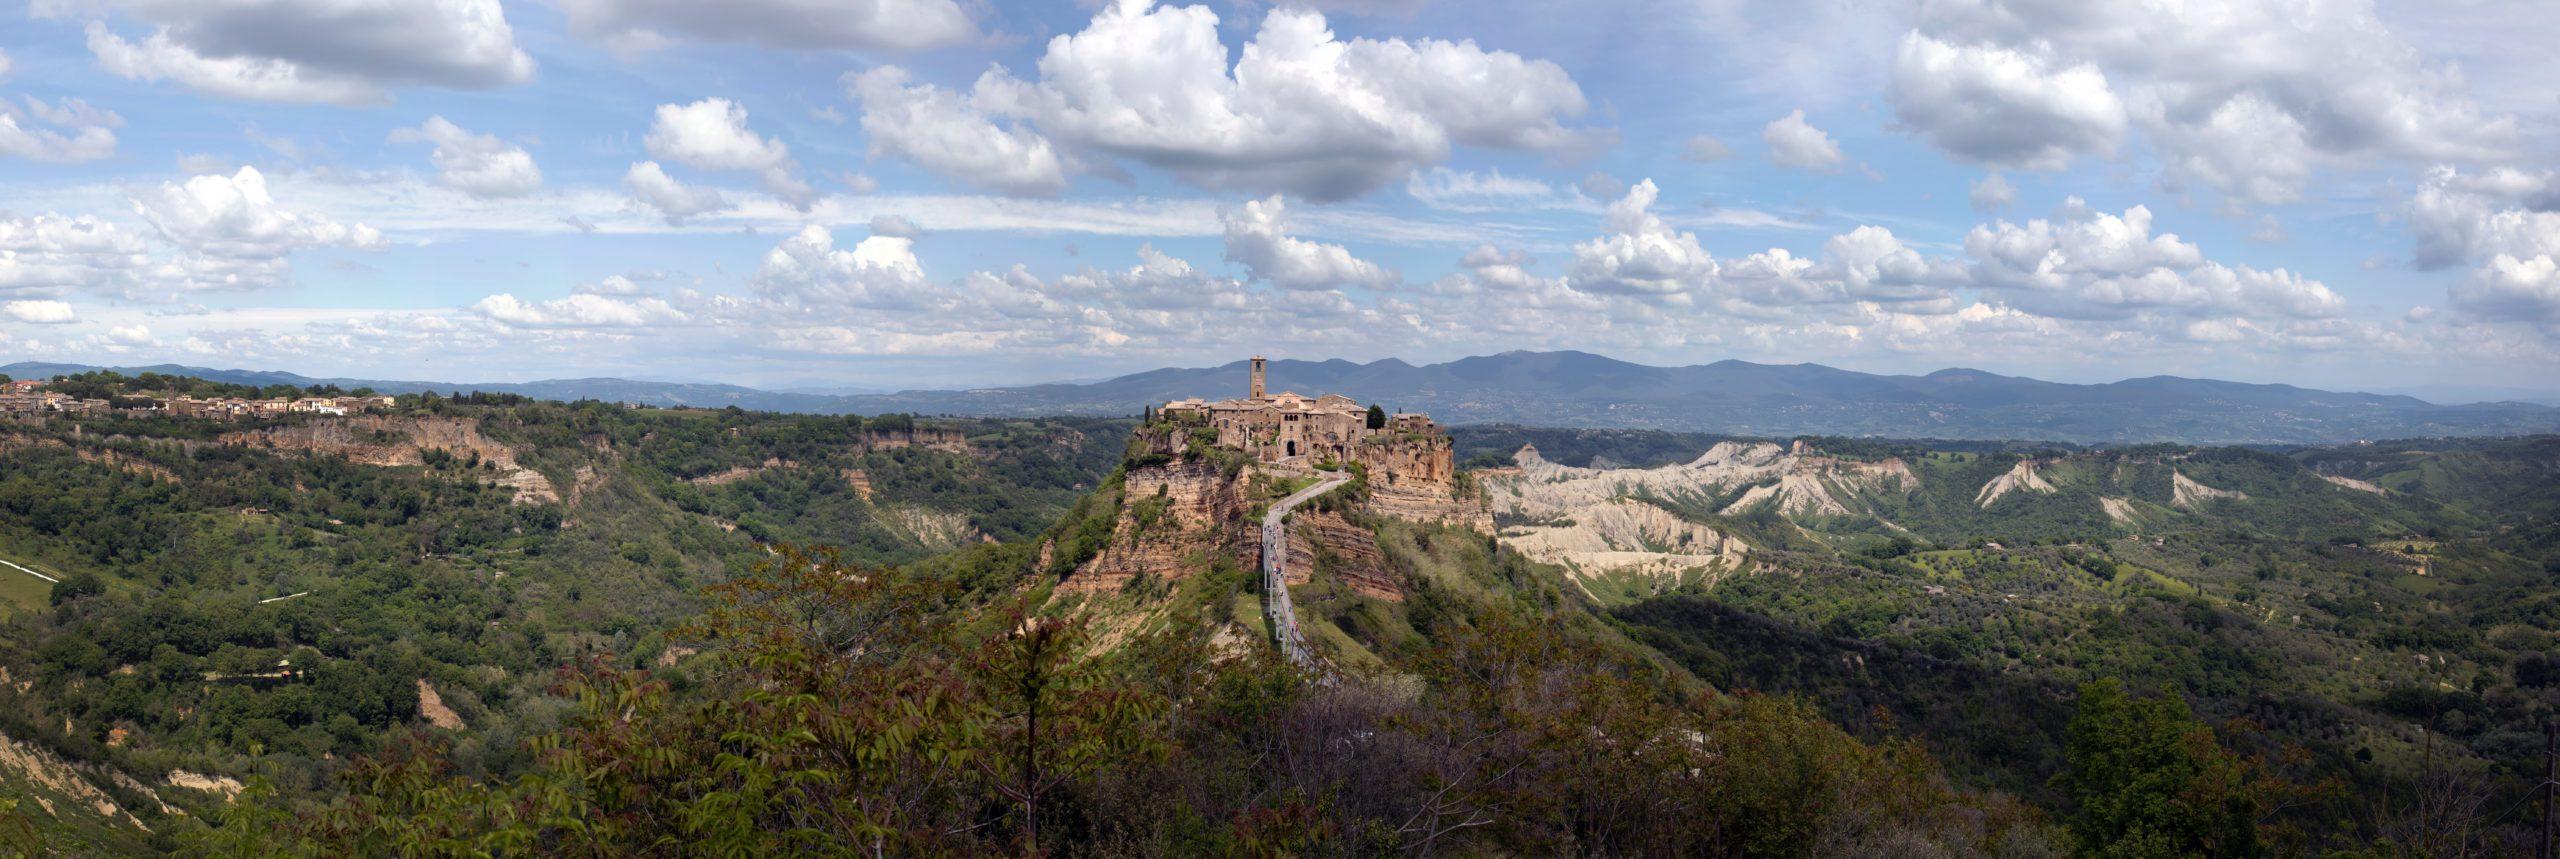 Civita di Bagnoregio - Borghi vicino Viterbo